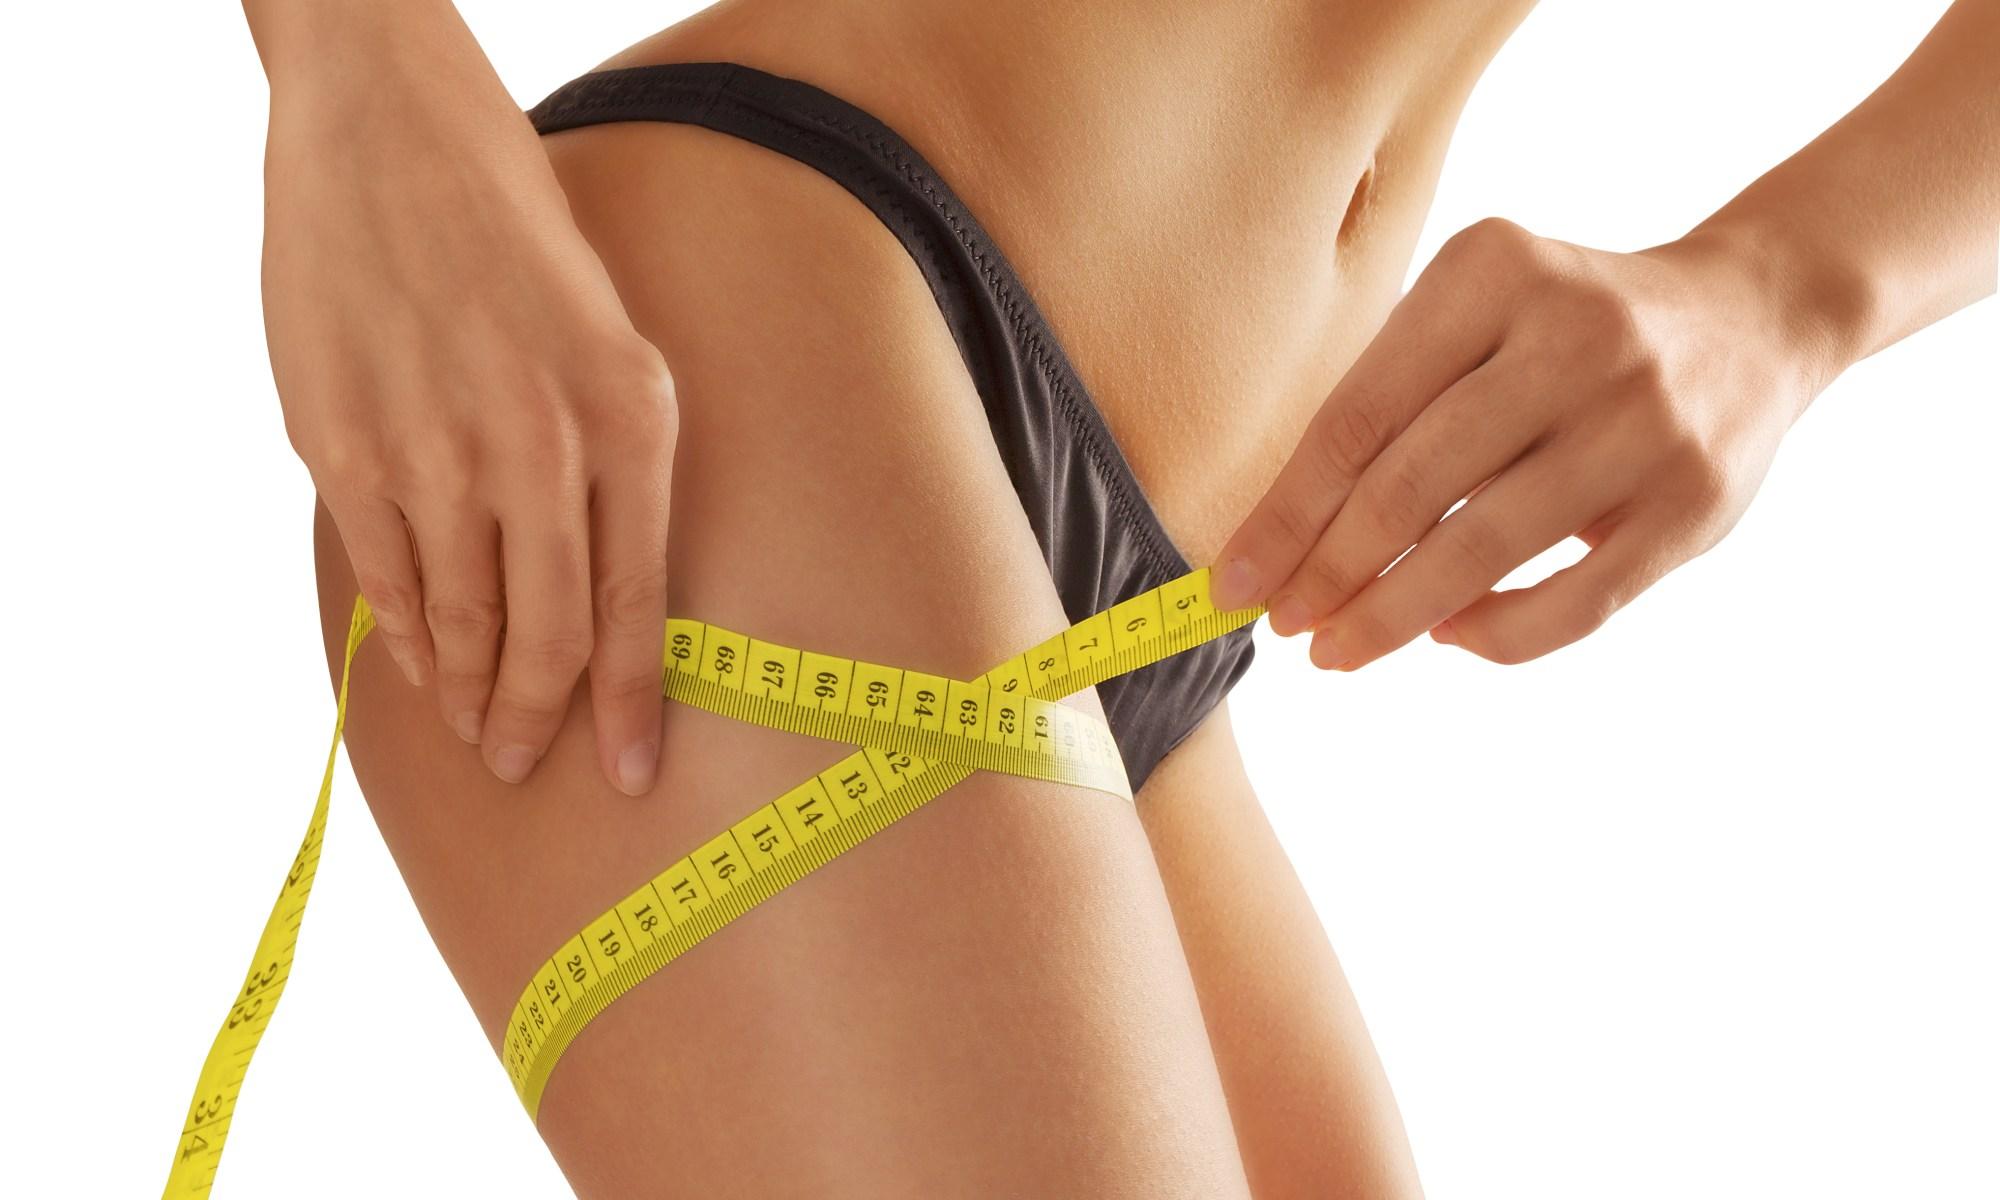 Beneficios de la cosmética y nutricosmética en la celulitis